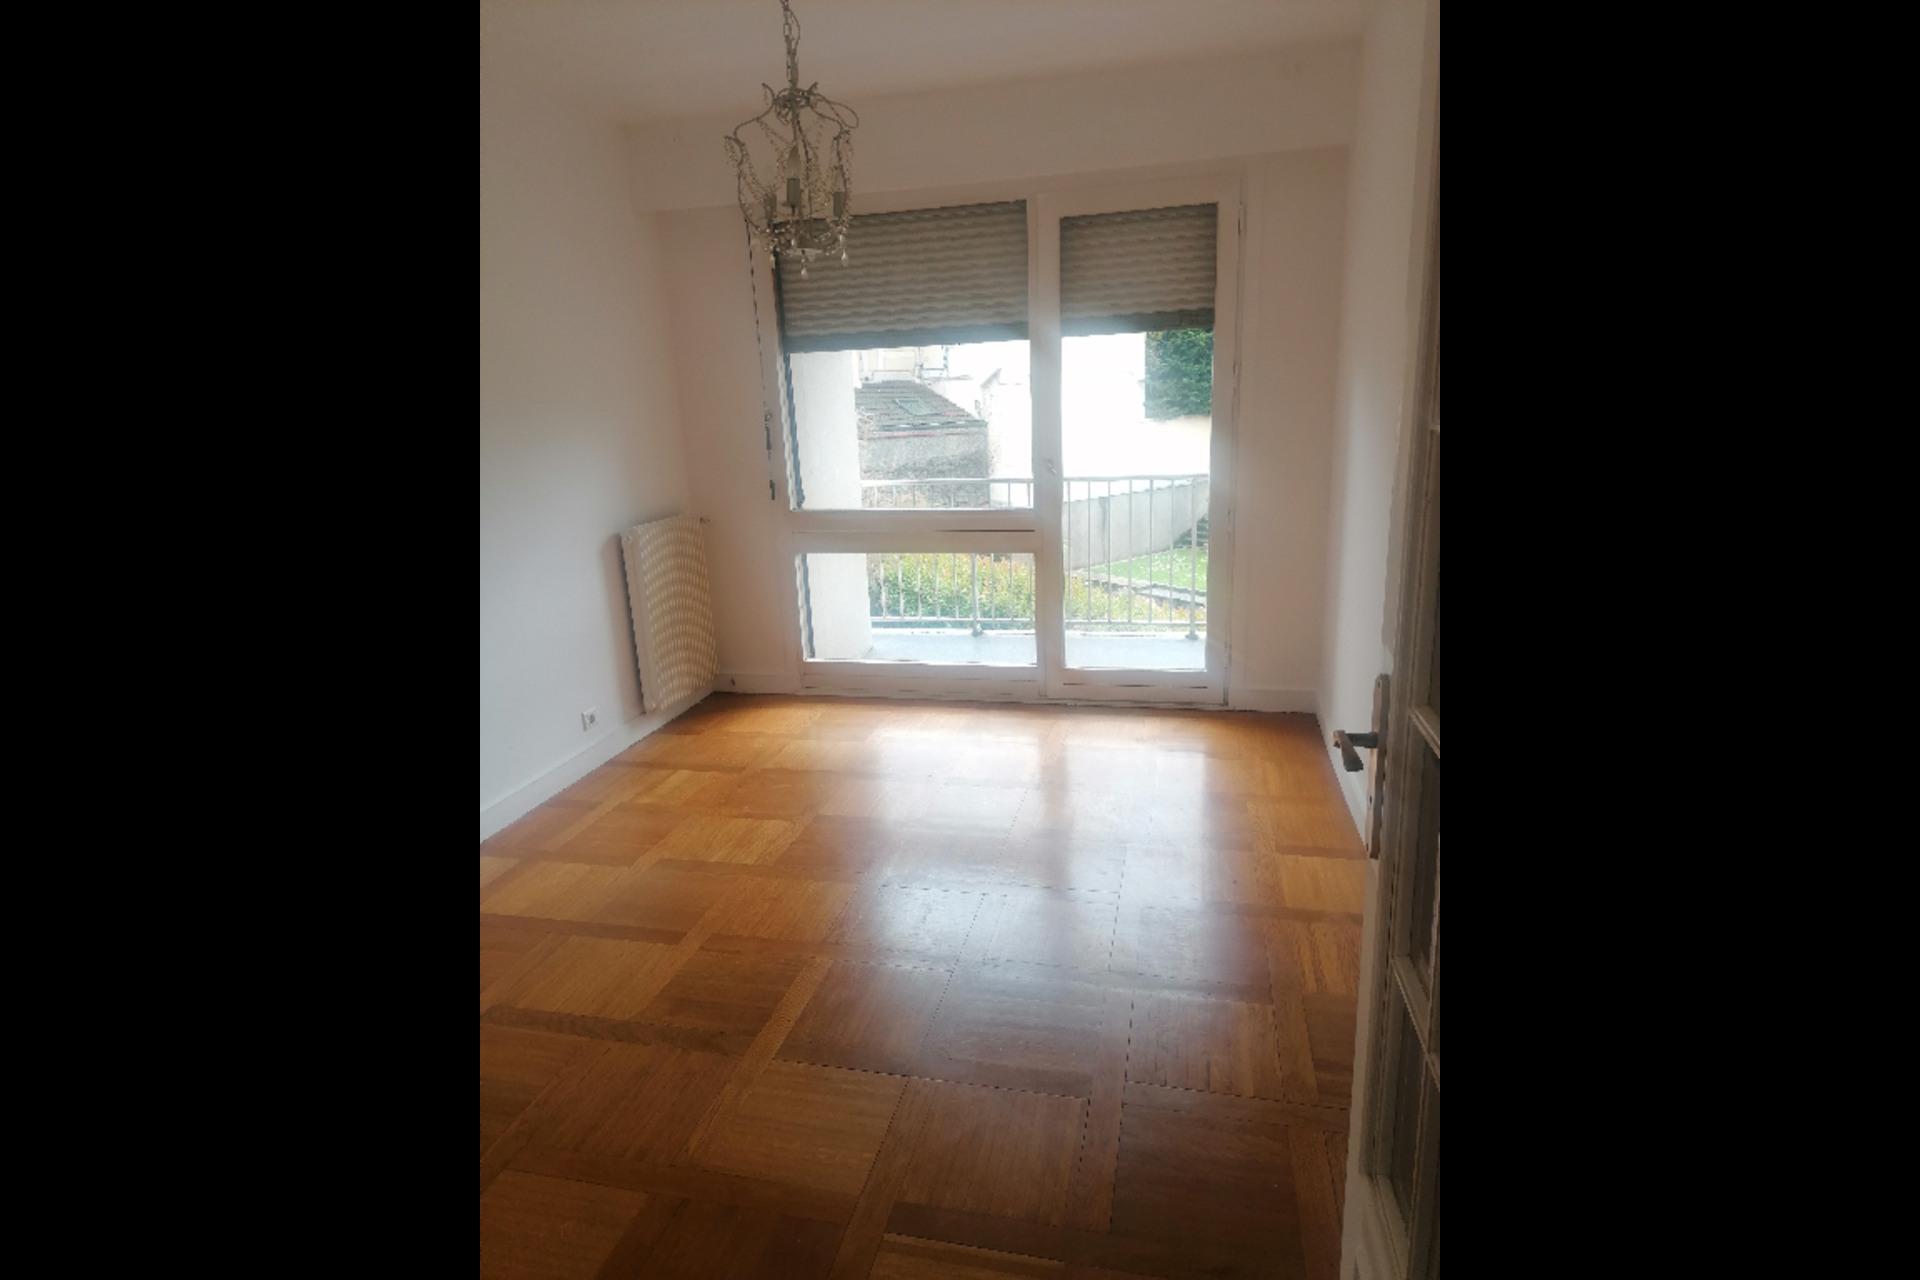 image 7 - Apartment For rent saint germain en laye - 5 rooms